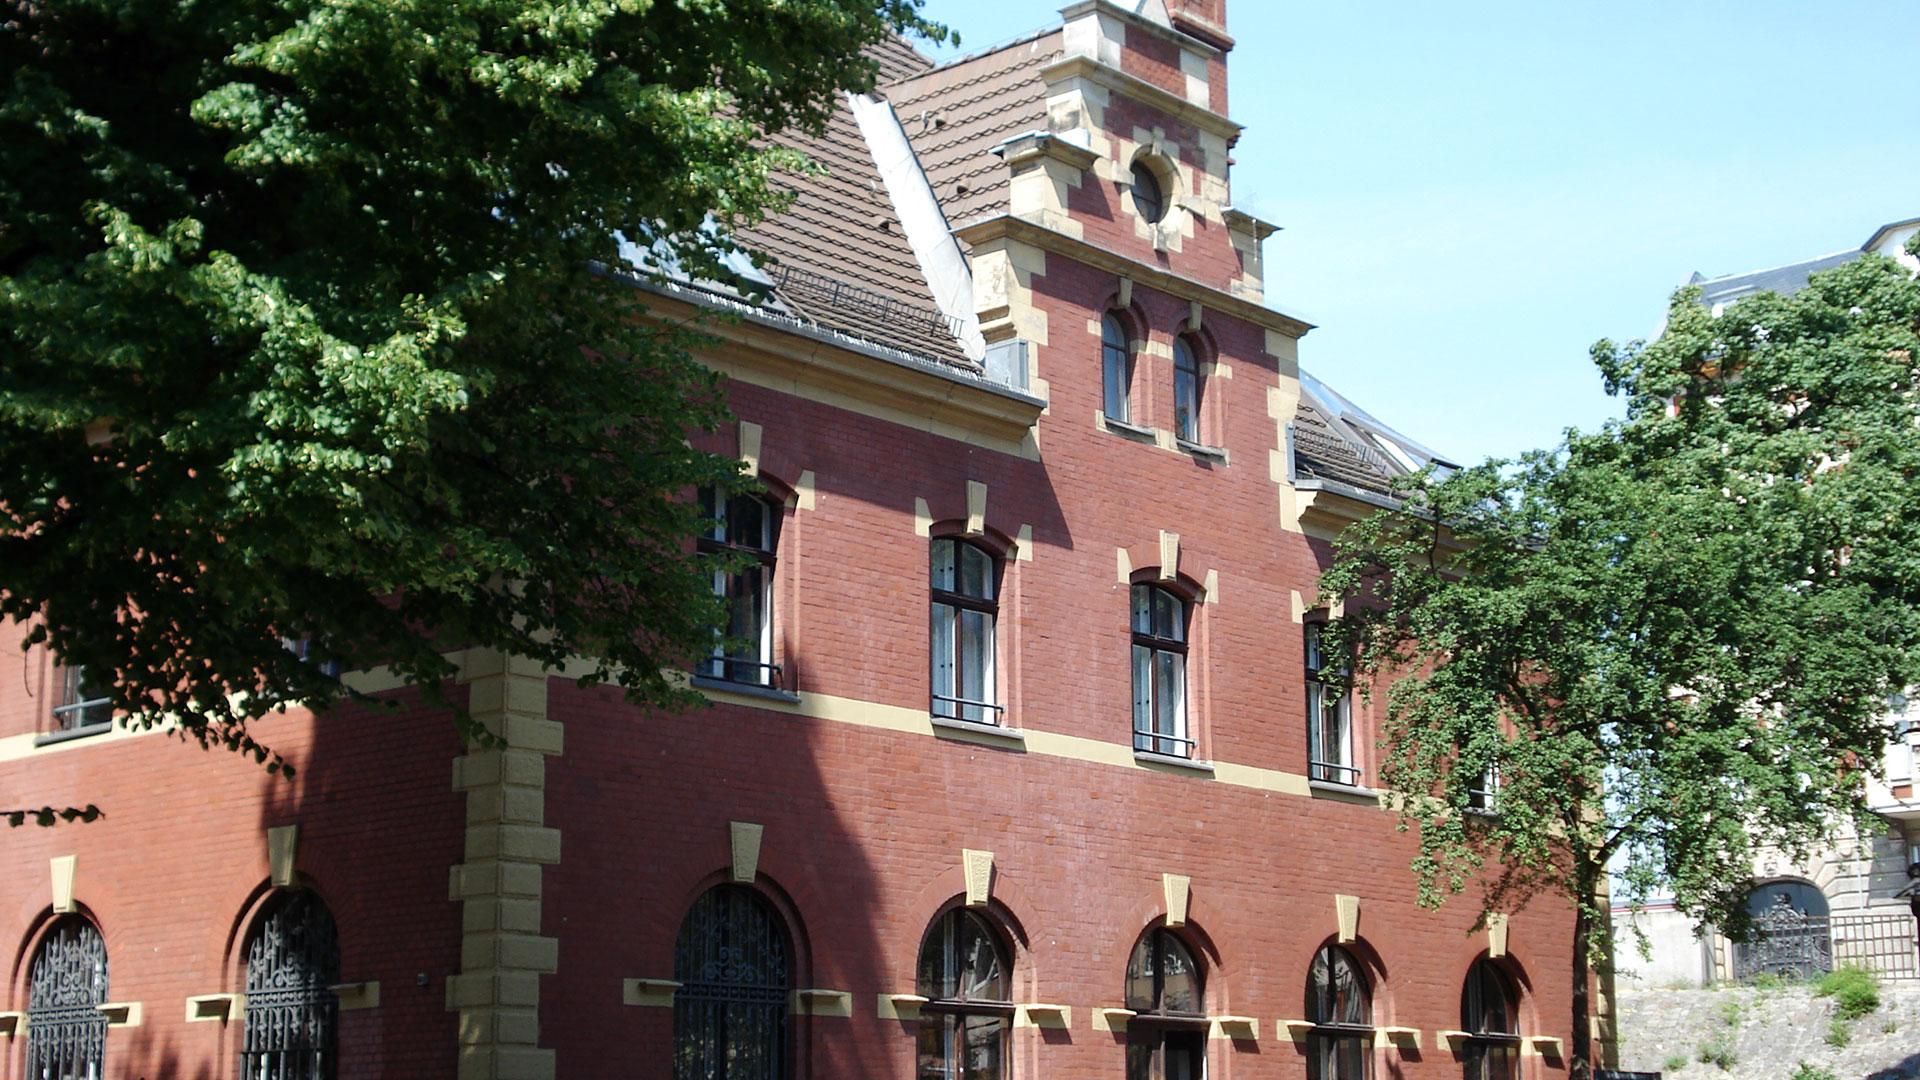 Büros im historischen